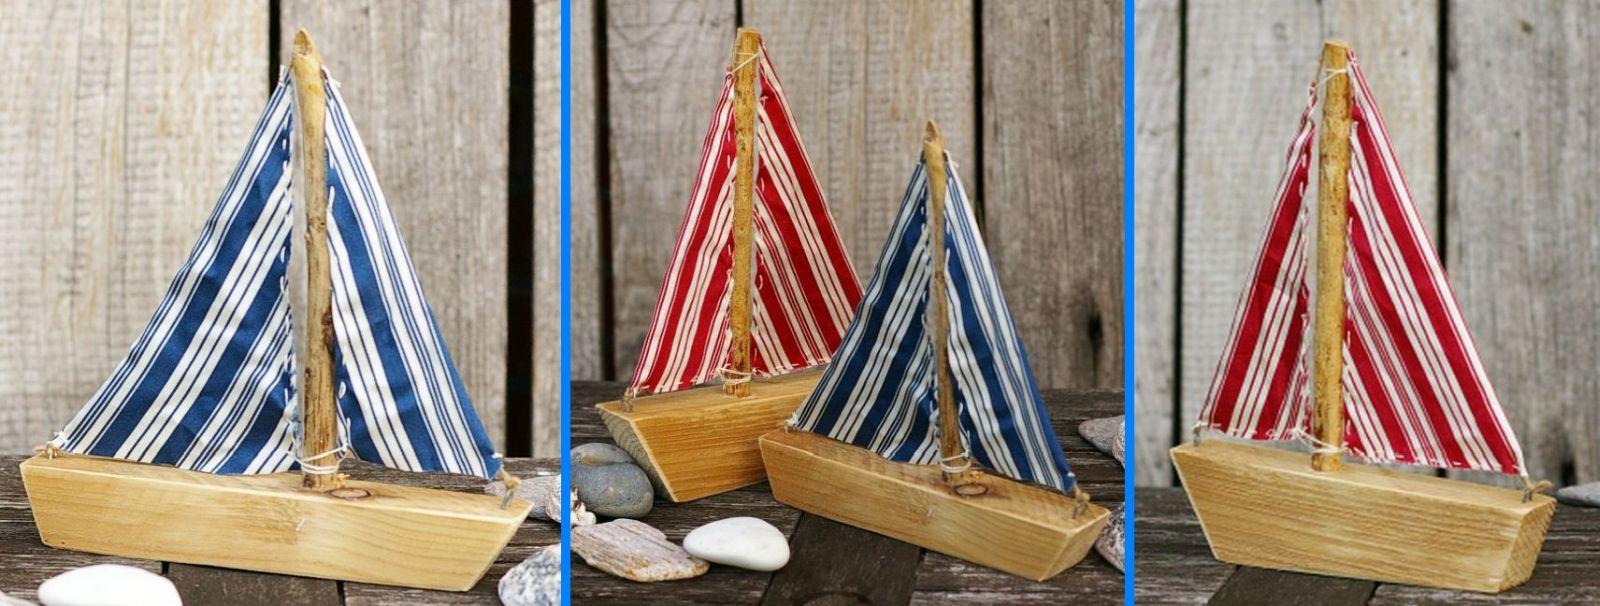 Segelschiffe aus Holz bauen